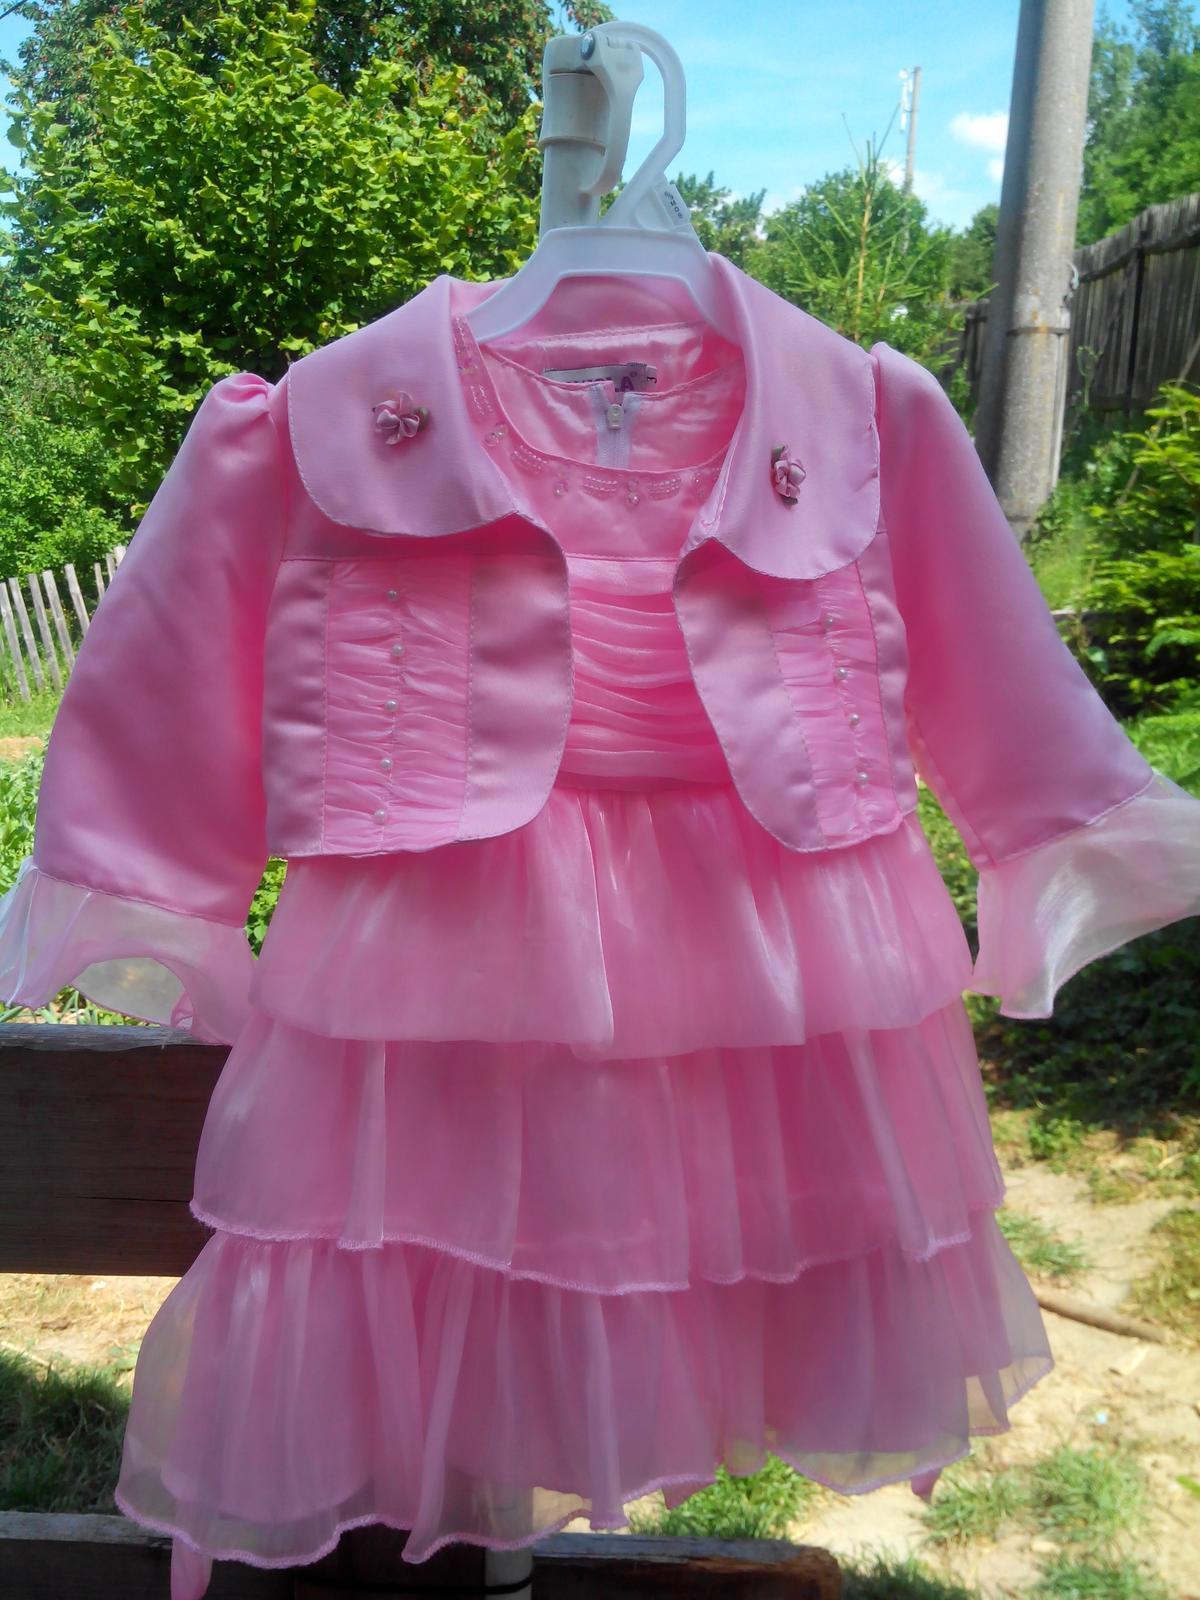 Růžové šaty s bolerkem vel. 86/92. - Obrázek č. 1